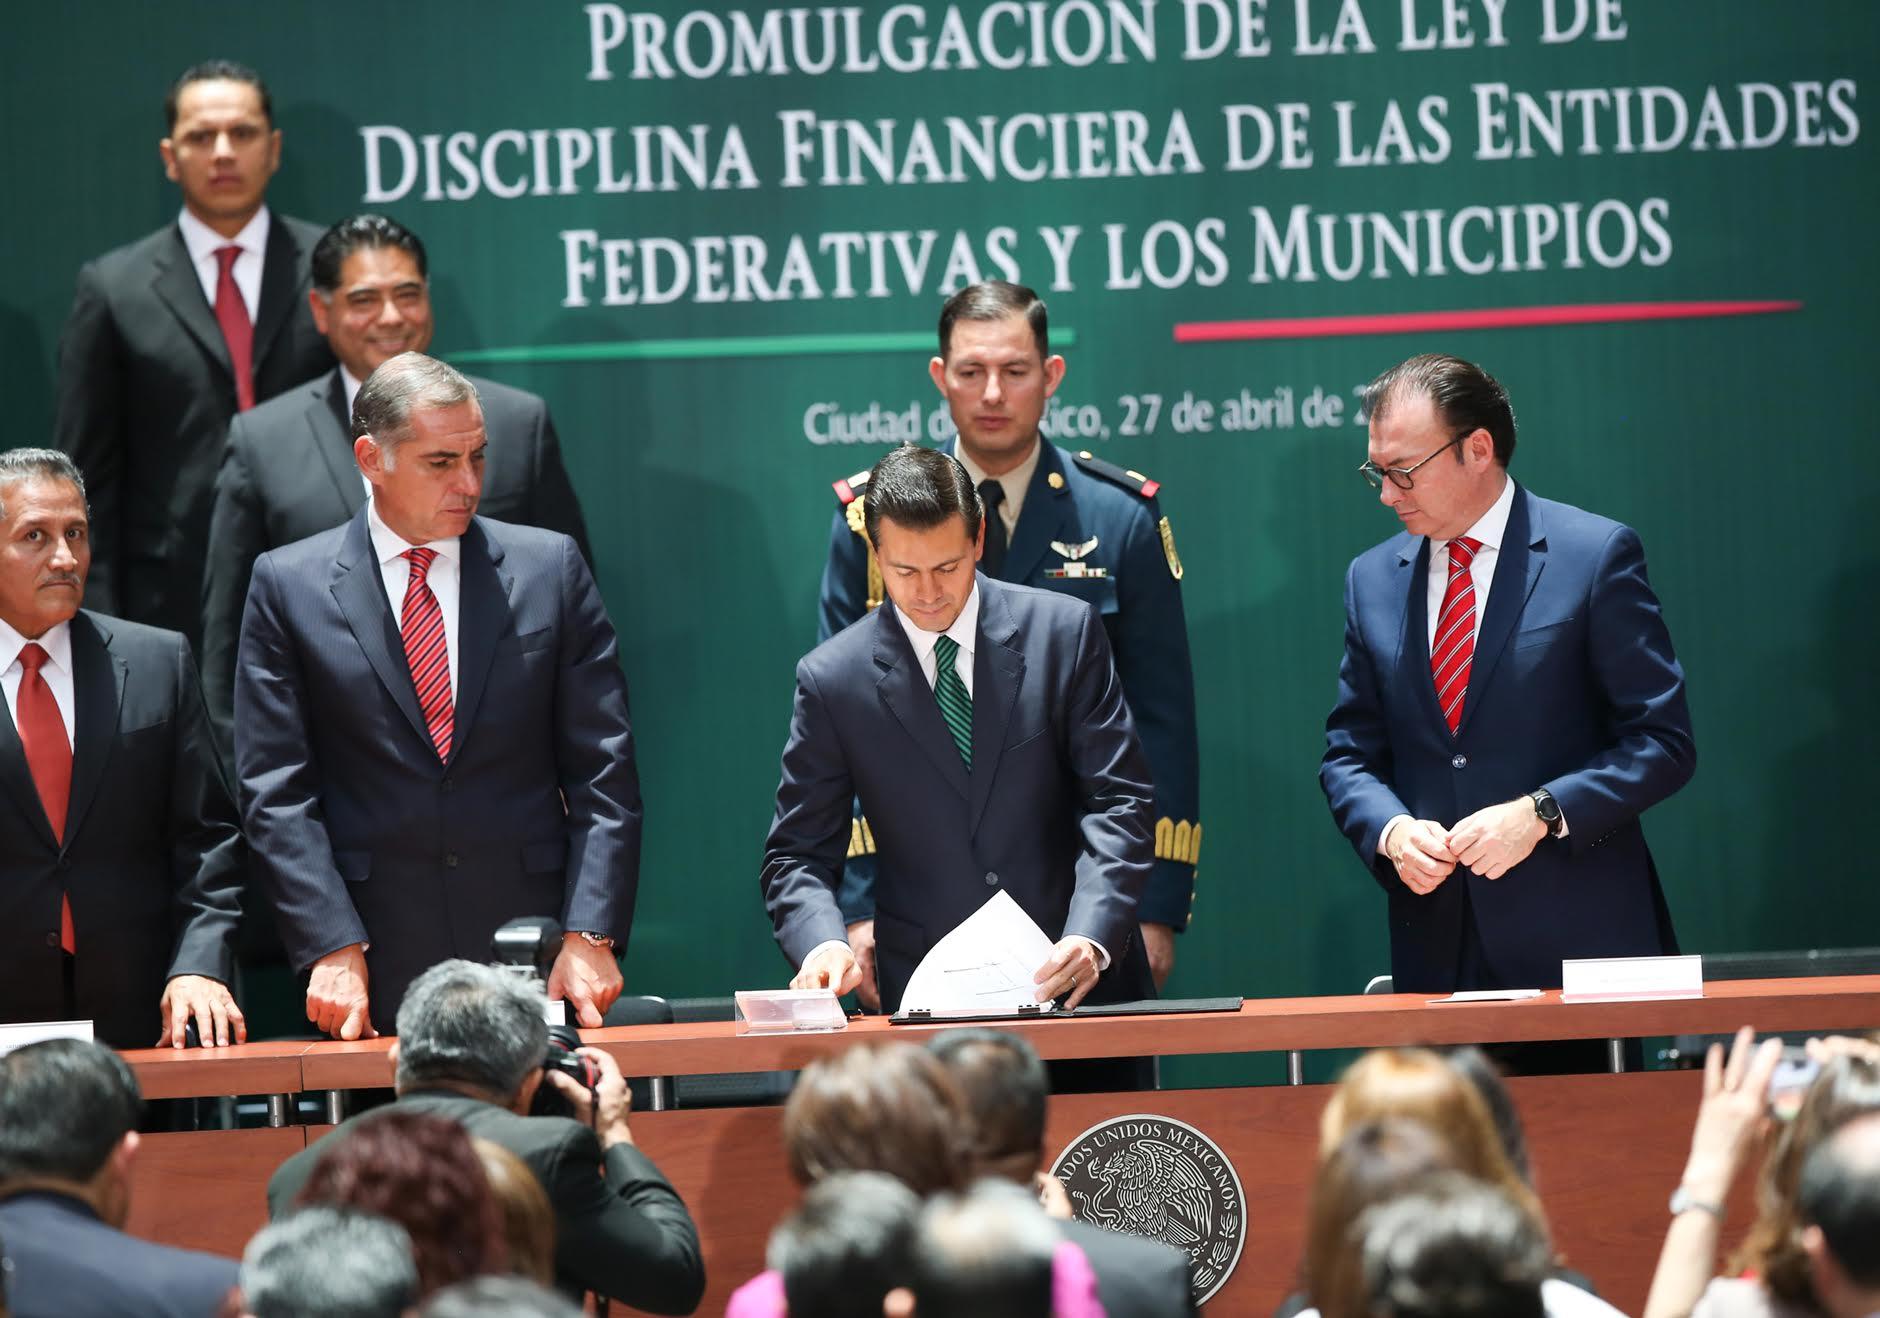 El Primer Mandatario firma el documento de la Promulgación de la Ley de Disciplina Financiera de las Entidades Federativas y Municipios, a su lado Luis Videgaray y Gabino Cué.